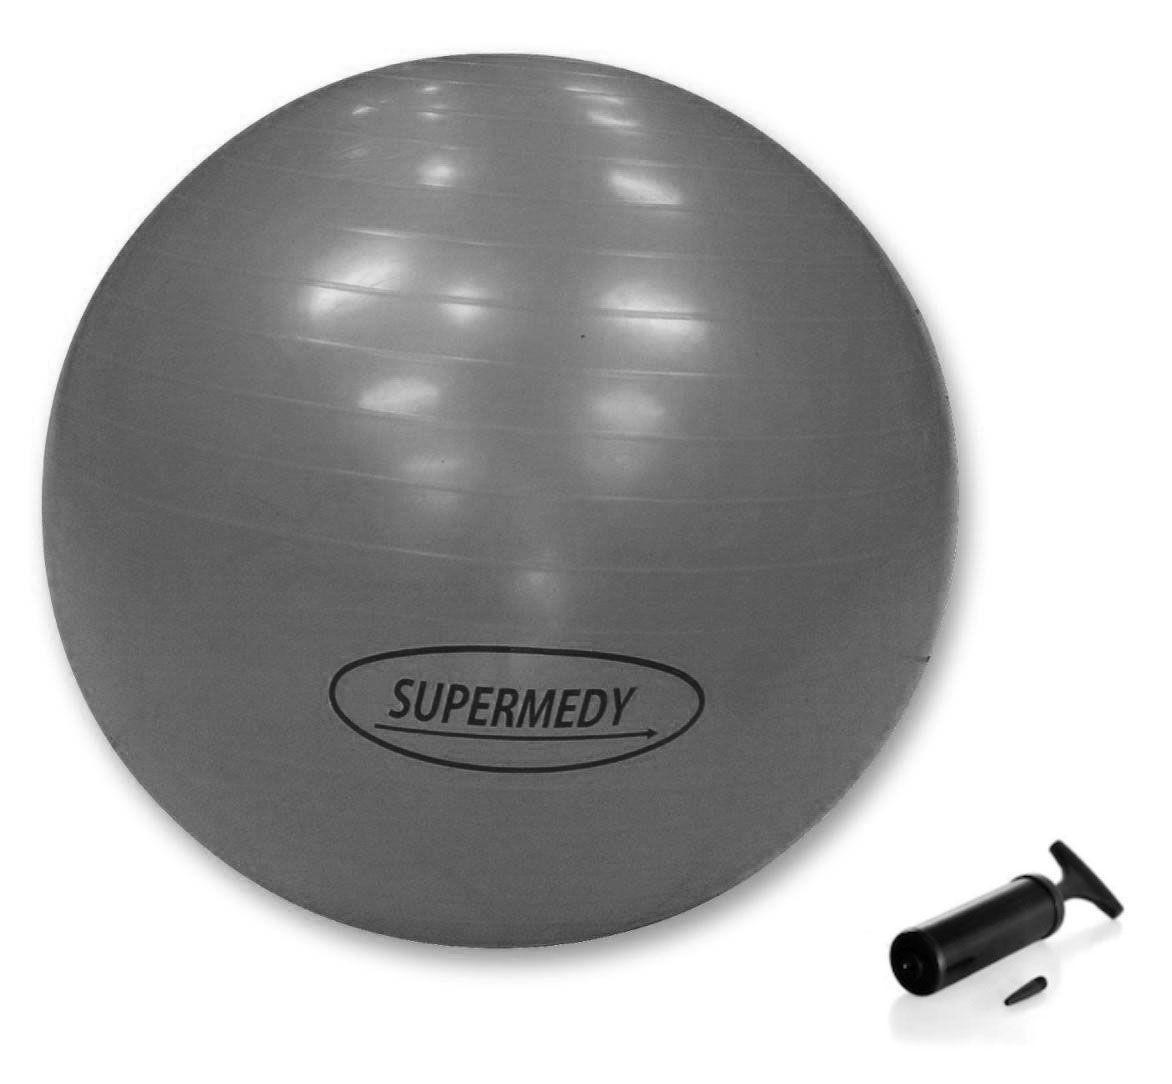 Bola para Ginástica 85cm Supermedy Prata - Fisioterapia, Pilates e Fitness